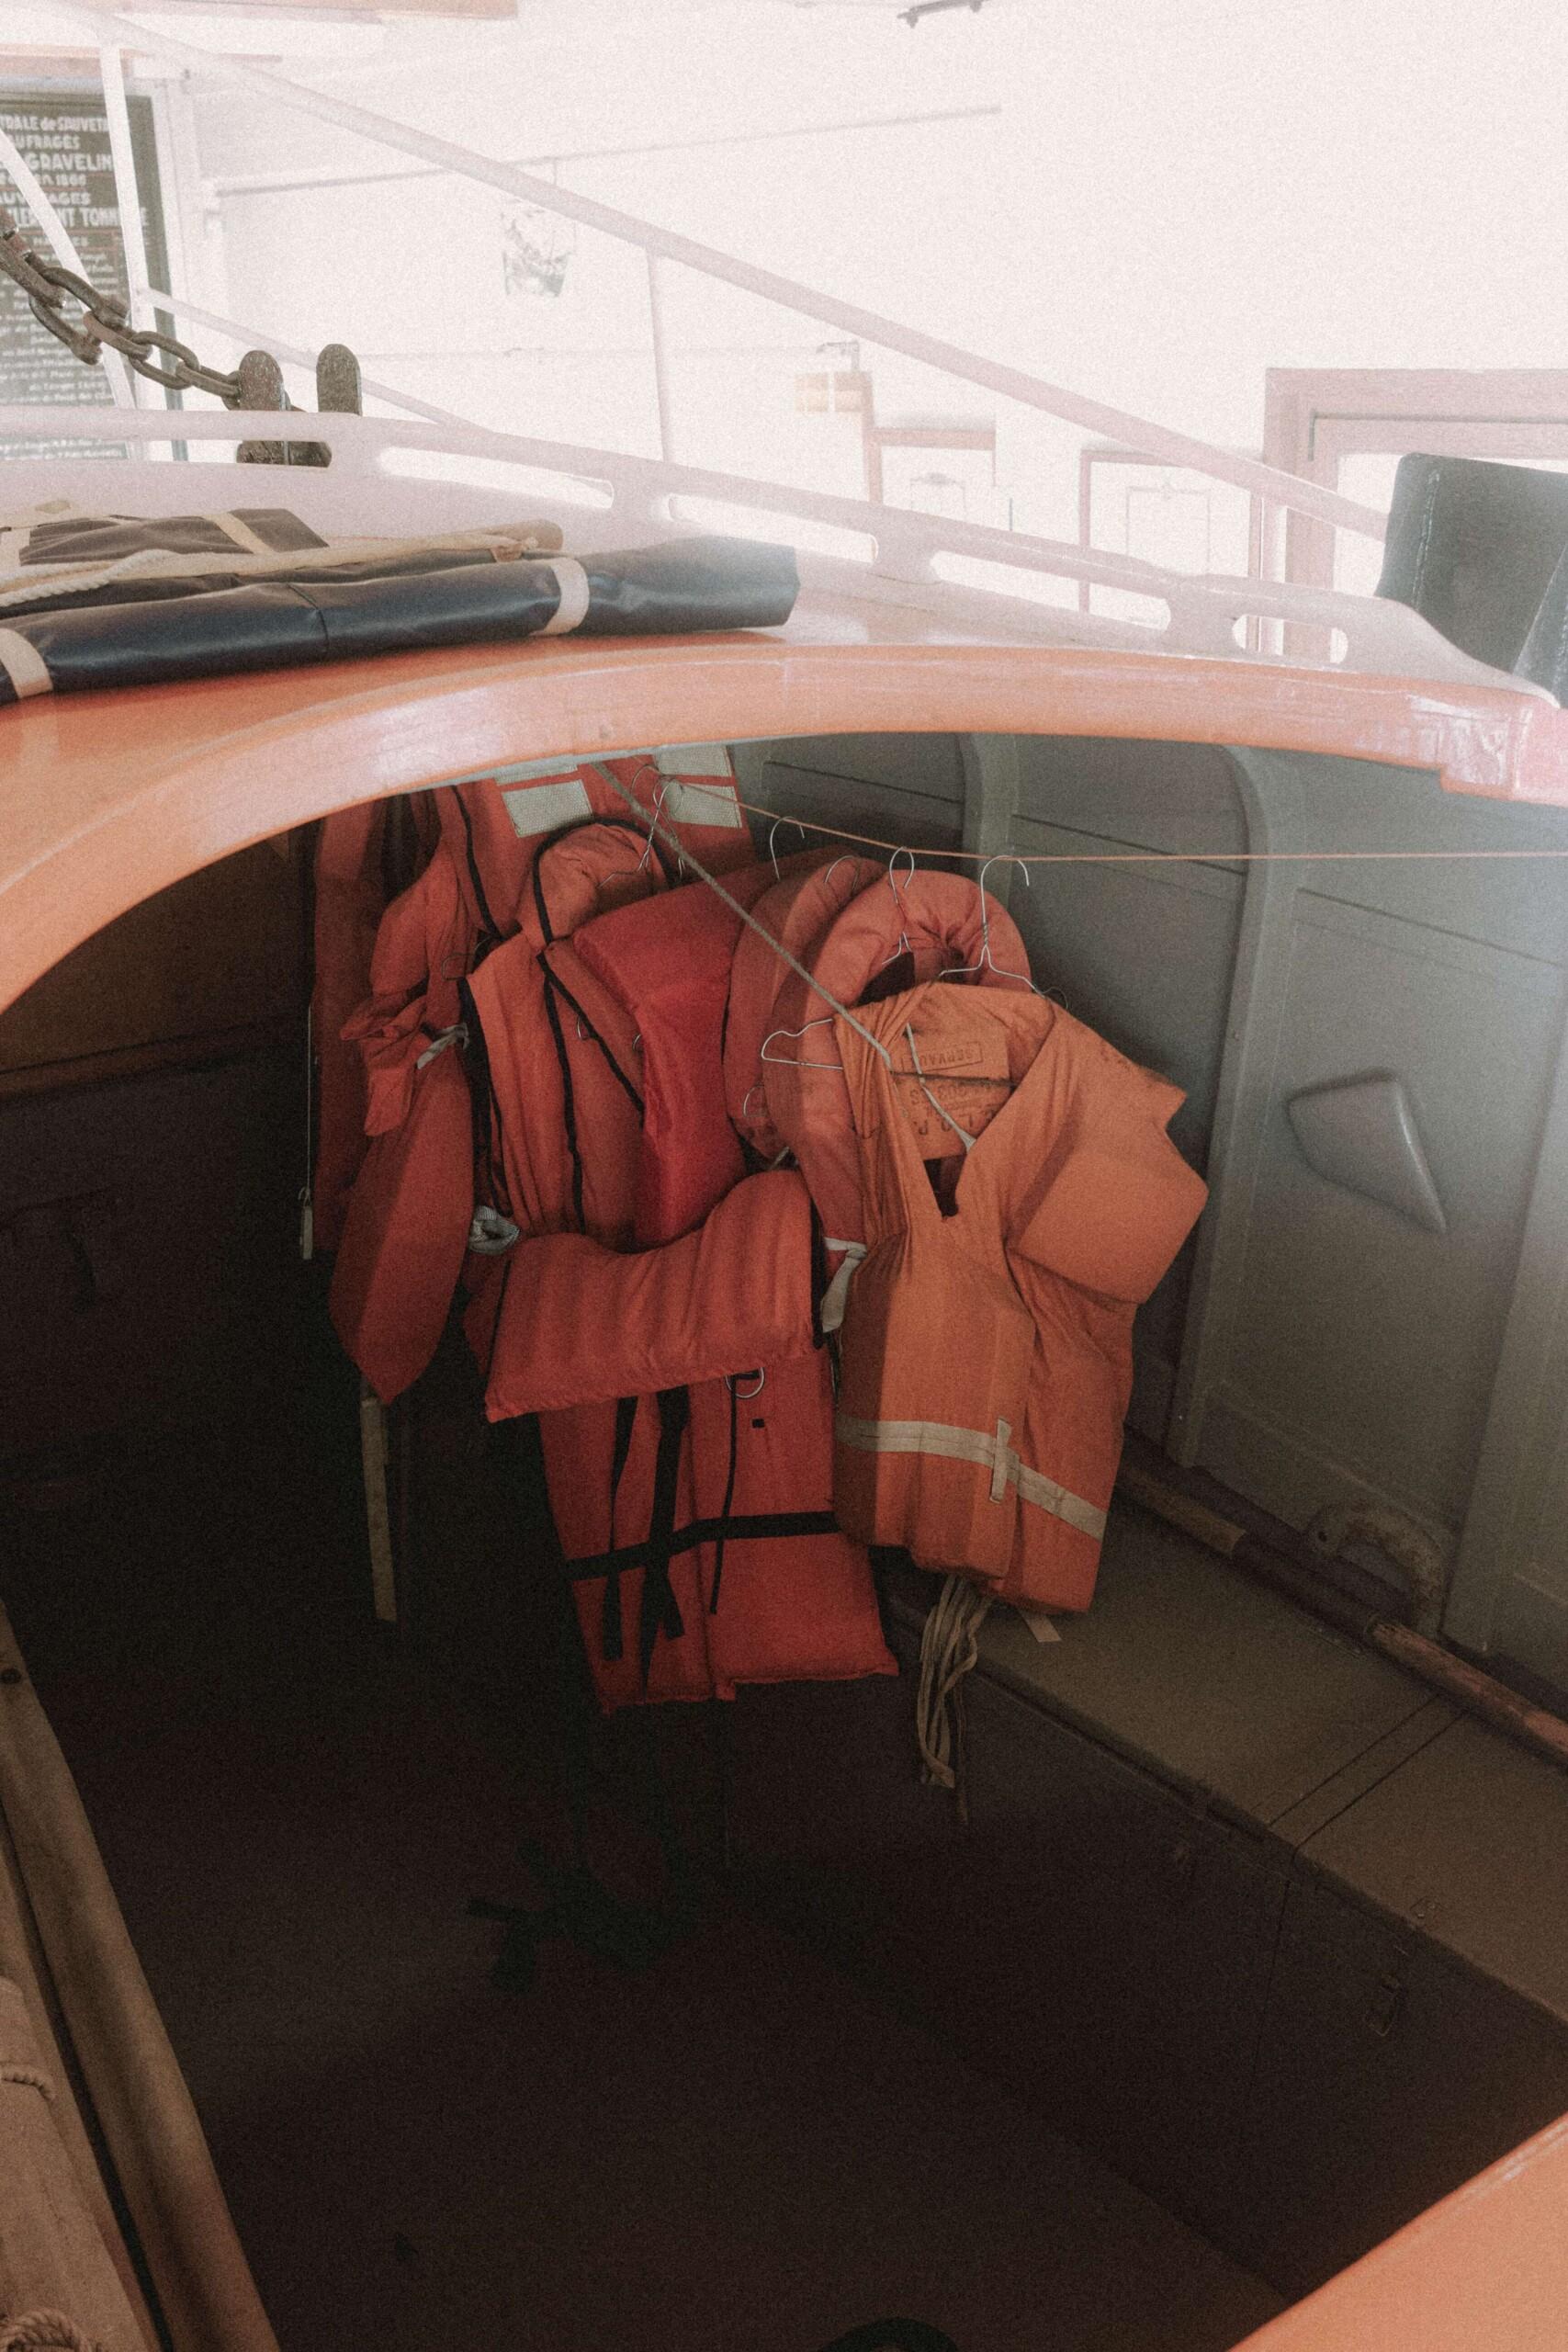 Gilets de sauvetage indispensables après avoir passé le permis bateau